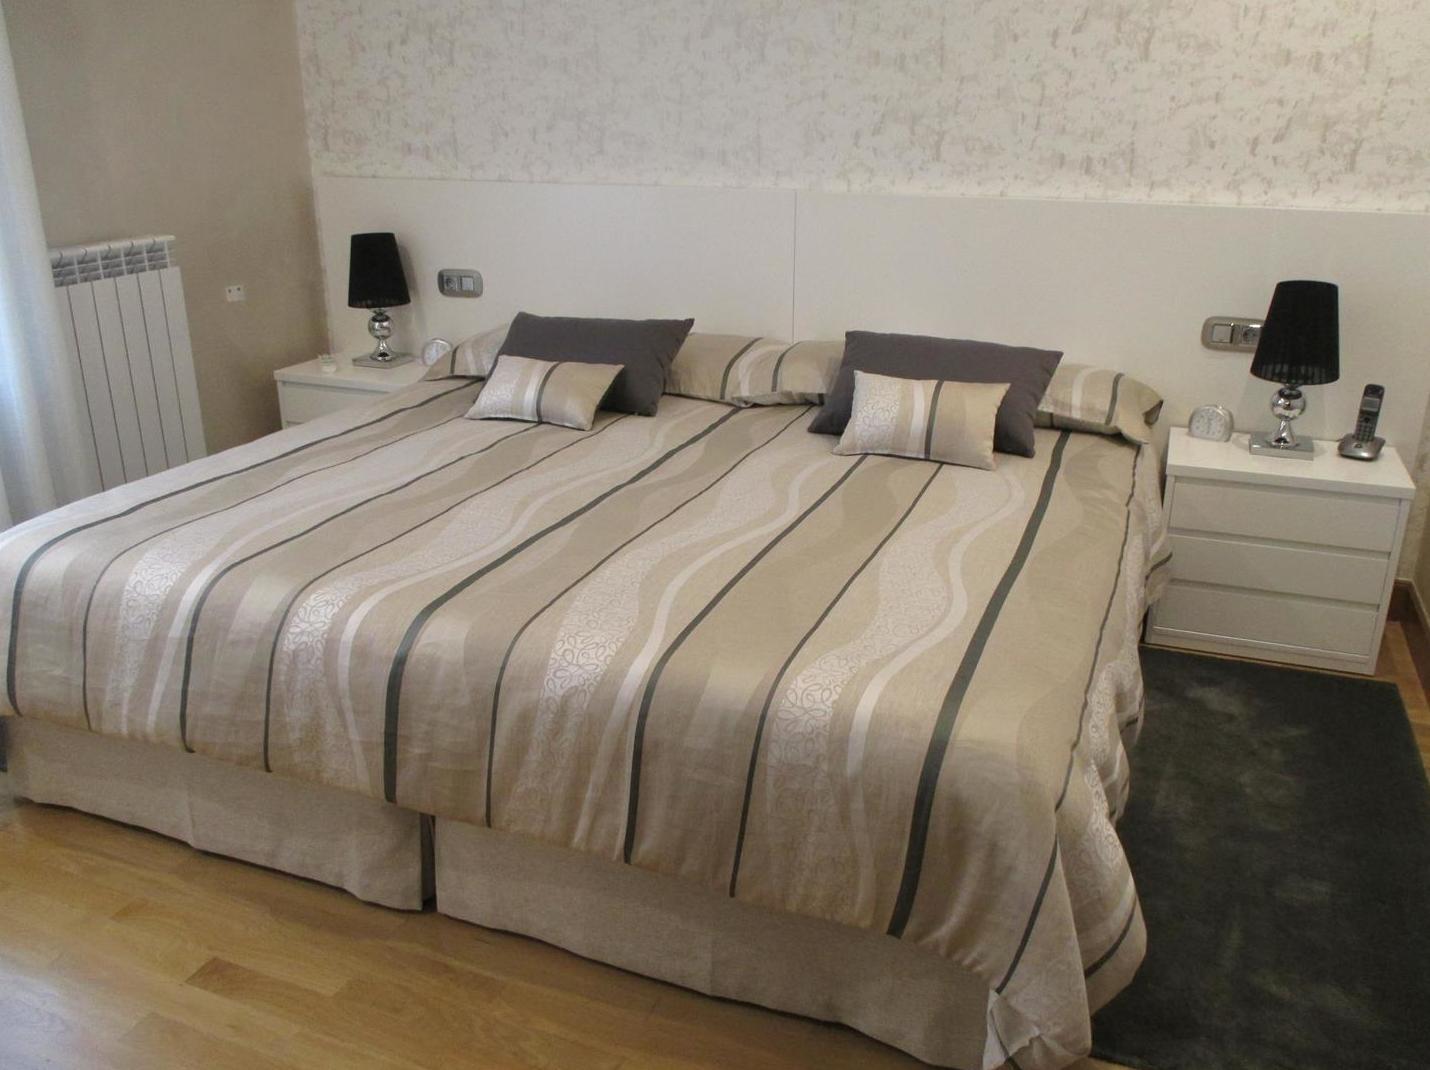 Muebles de dormitorio a medida en Pamplona